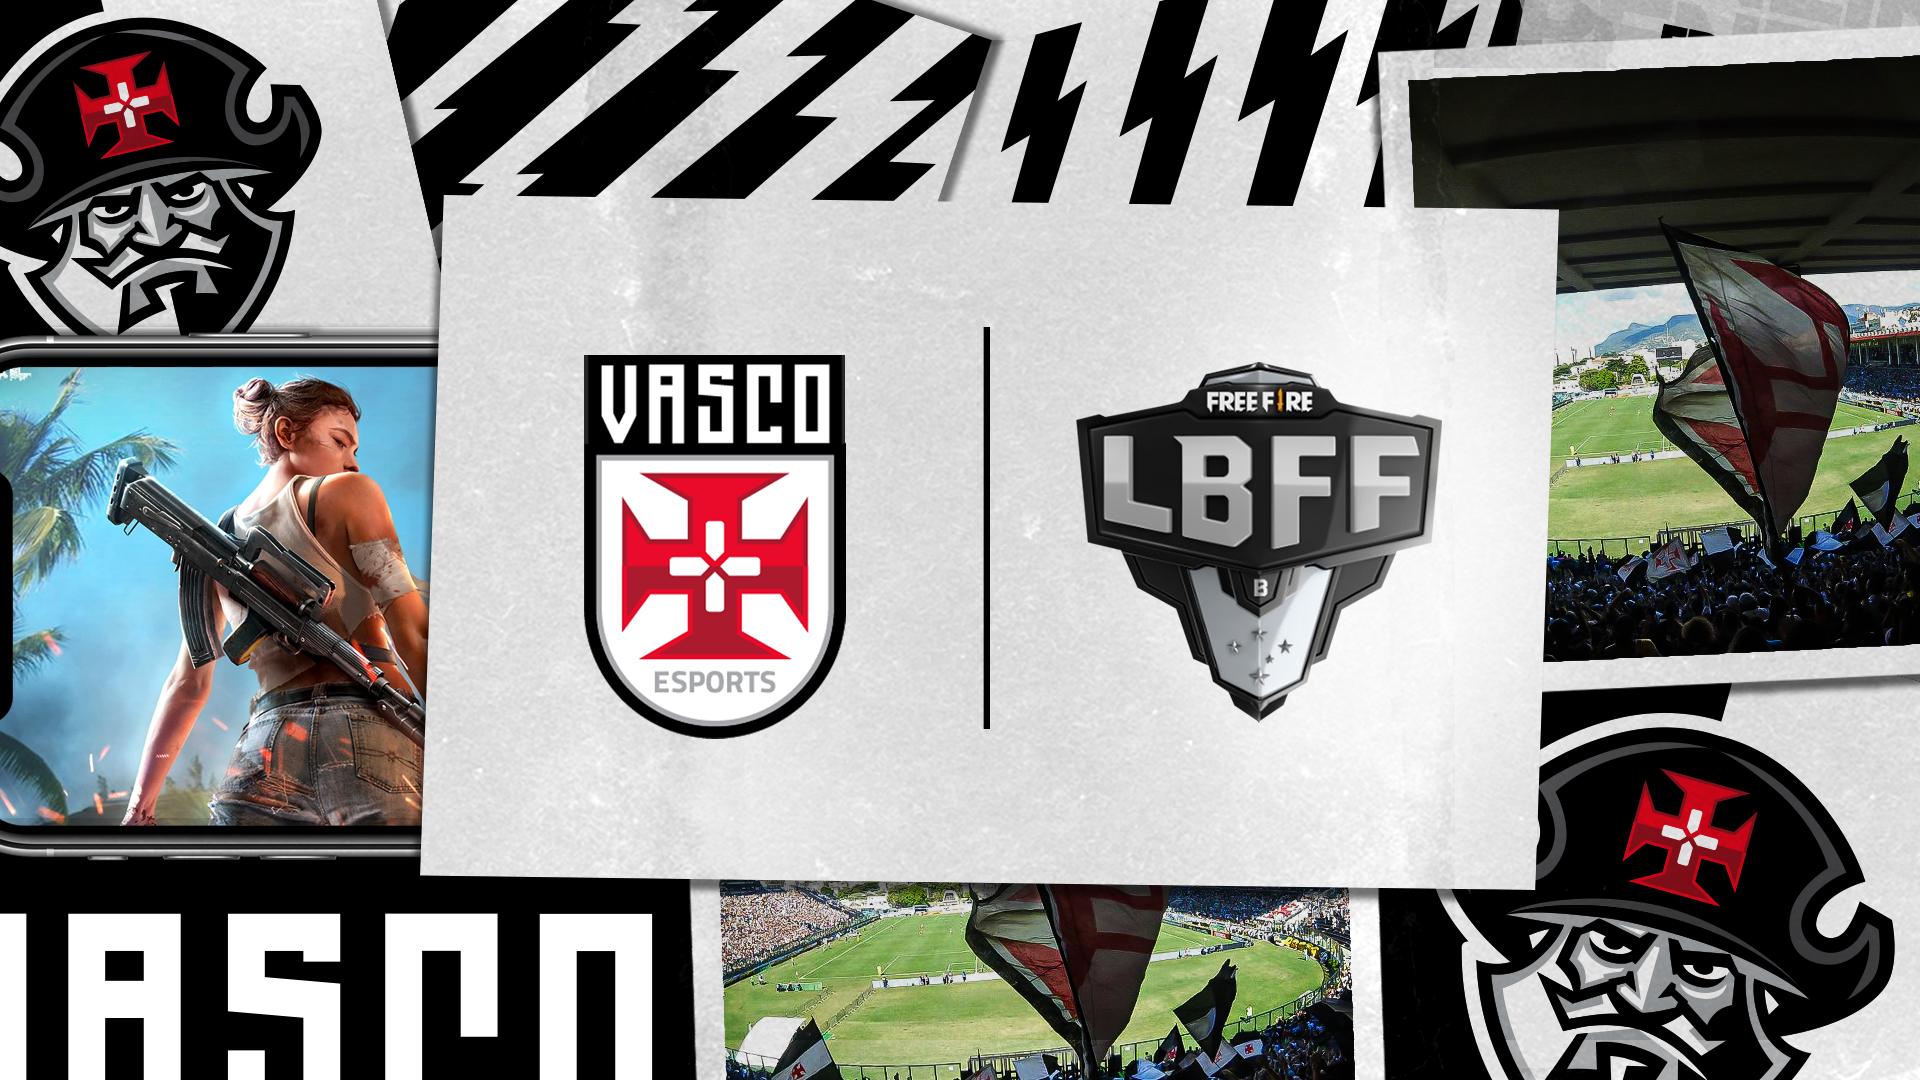 Vasco Free Fire: organização anuncia sua line-up para disputa da LBFF Série B